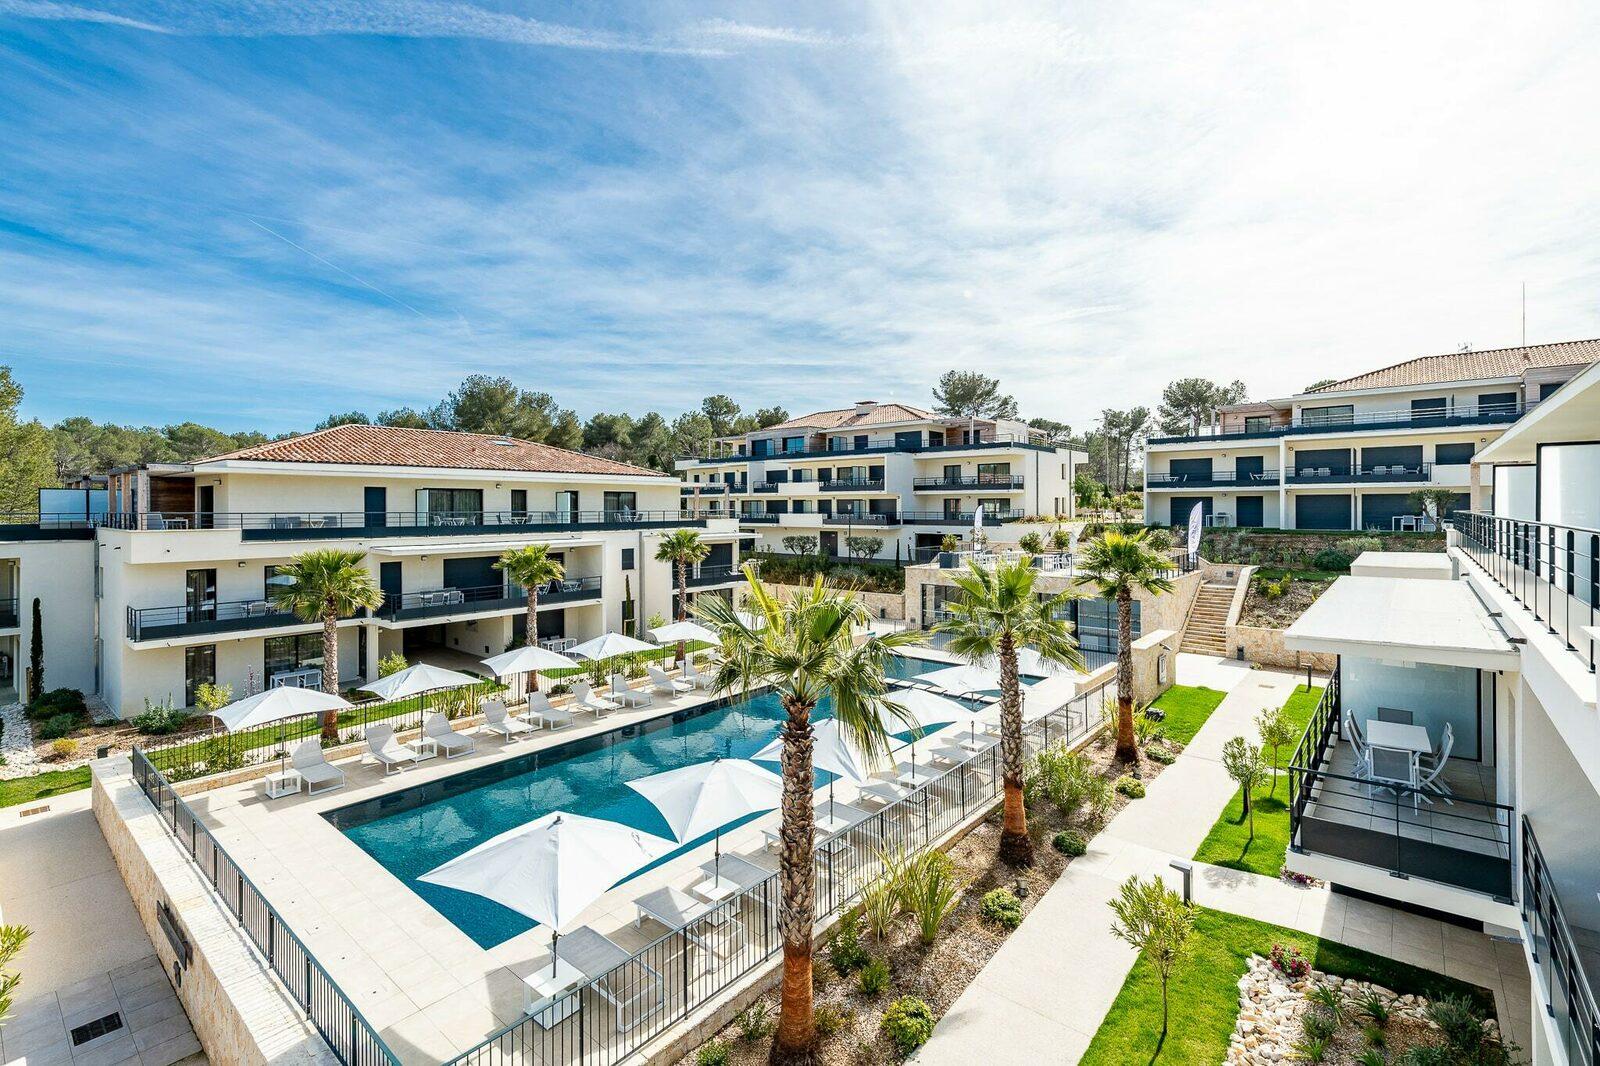 Résidence Evancy à Vence - location de vacances sur la Côte d'Azur